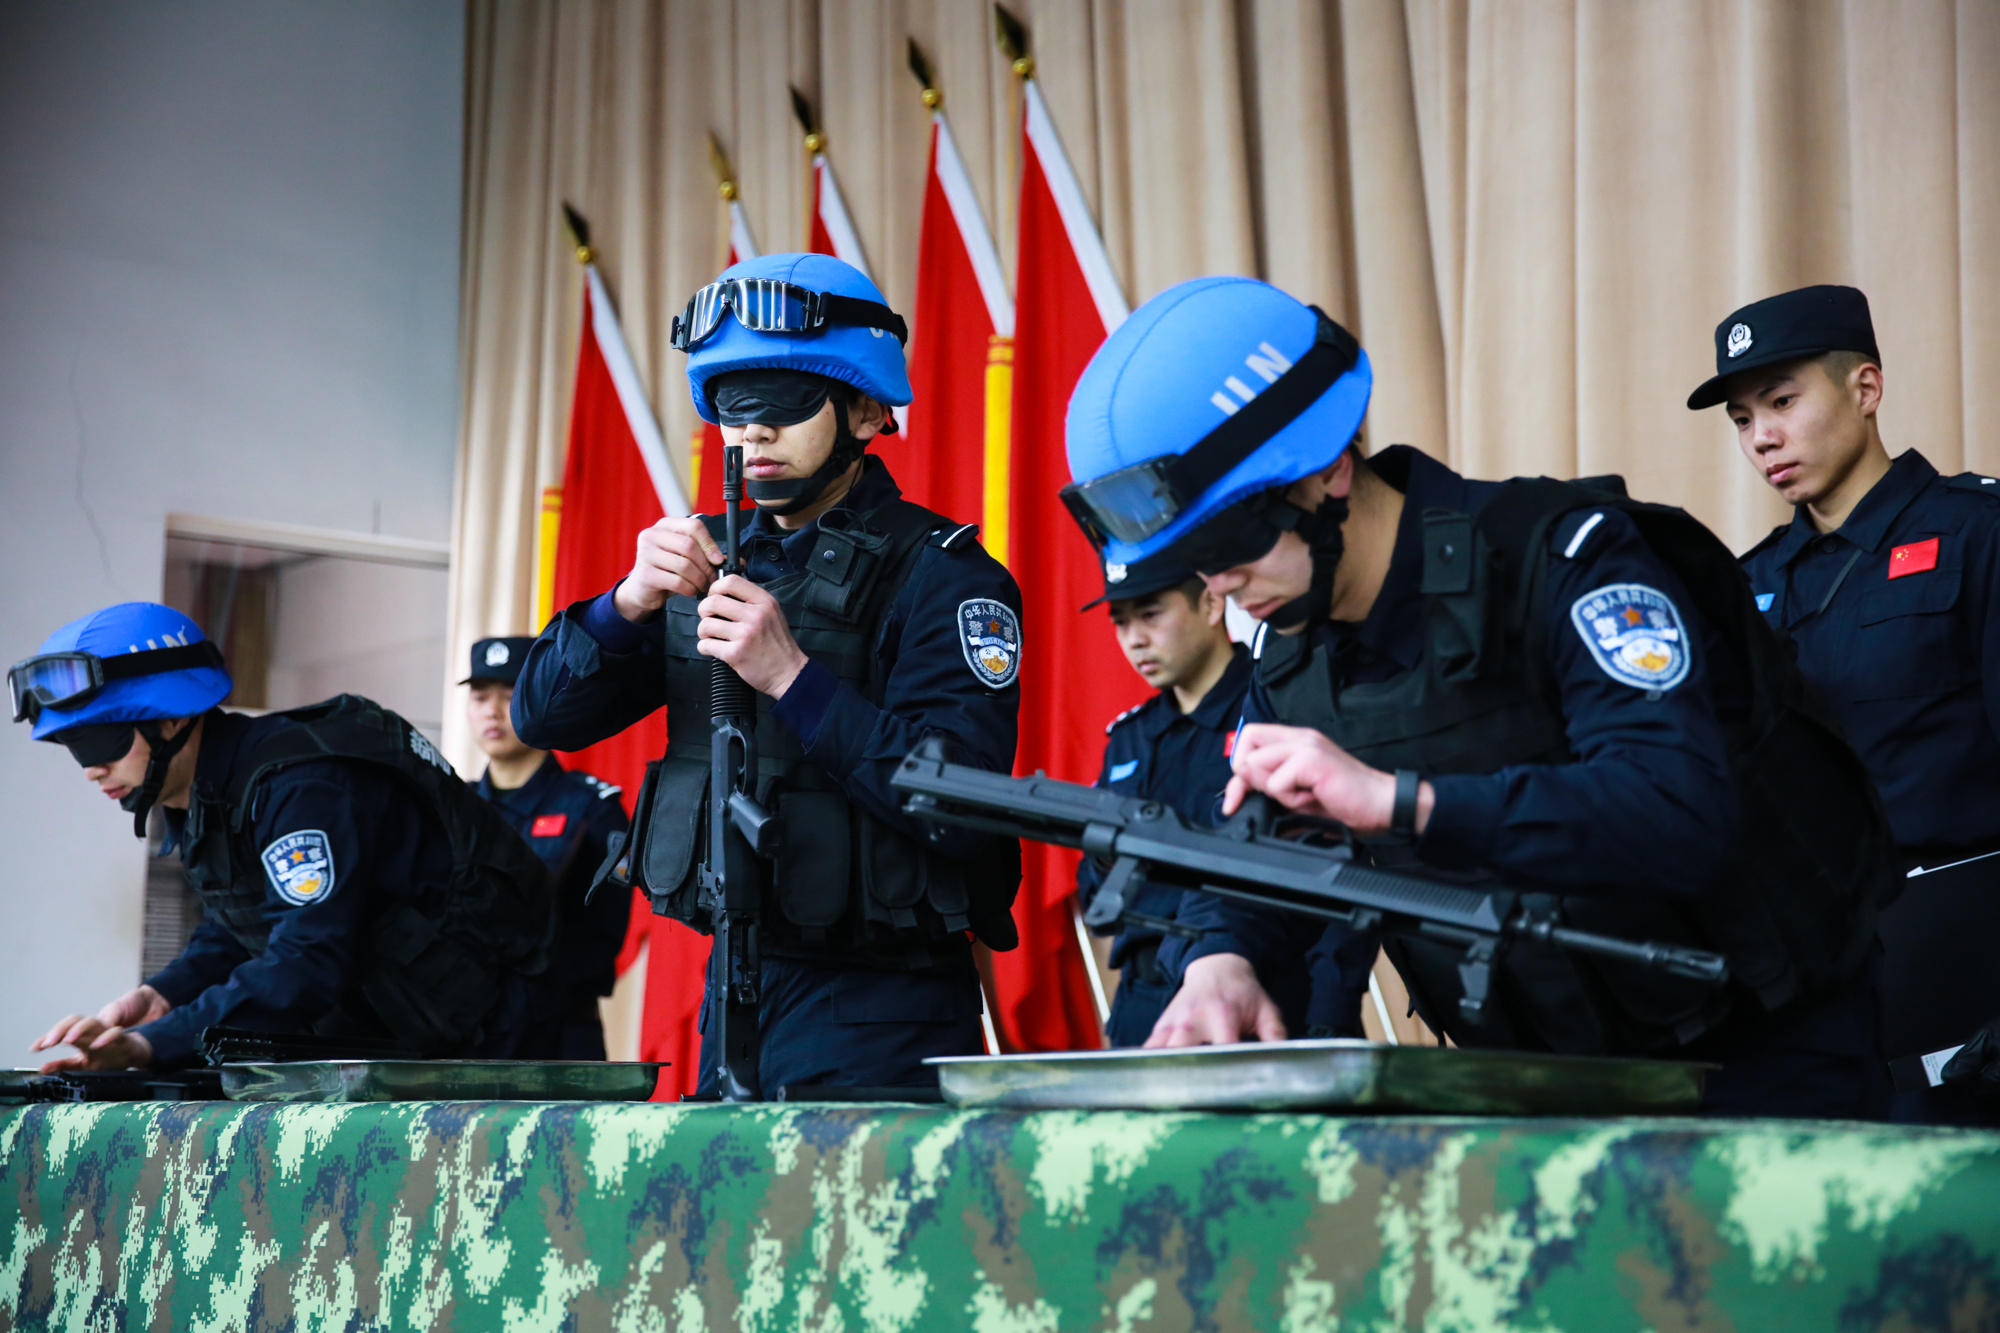 大片!公安部常备维和警队寒冬练兵